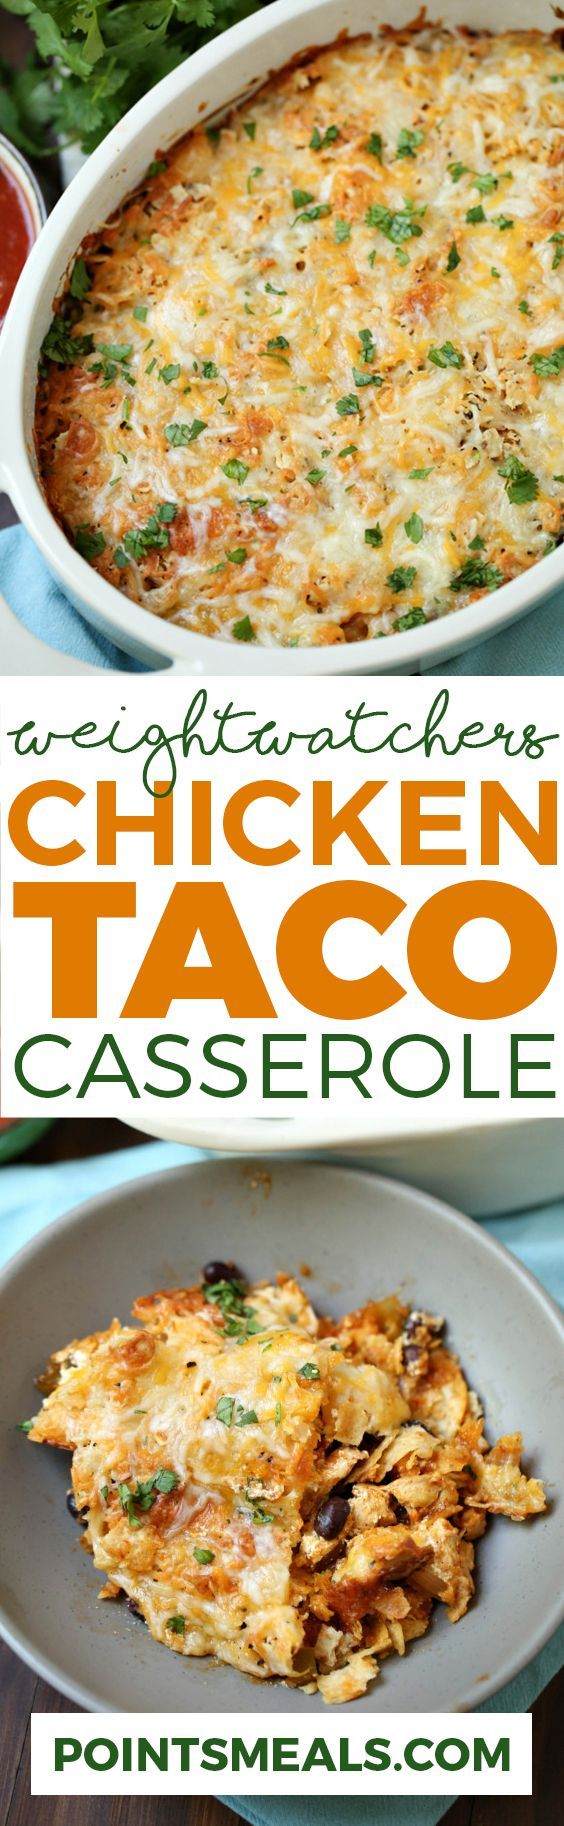 WEIGHT WATCHERS CHICKEN TACO CASSEROLE (WEIGHT WATCHERS SMARTPOINTS)